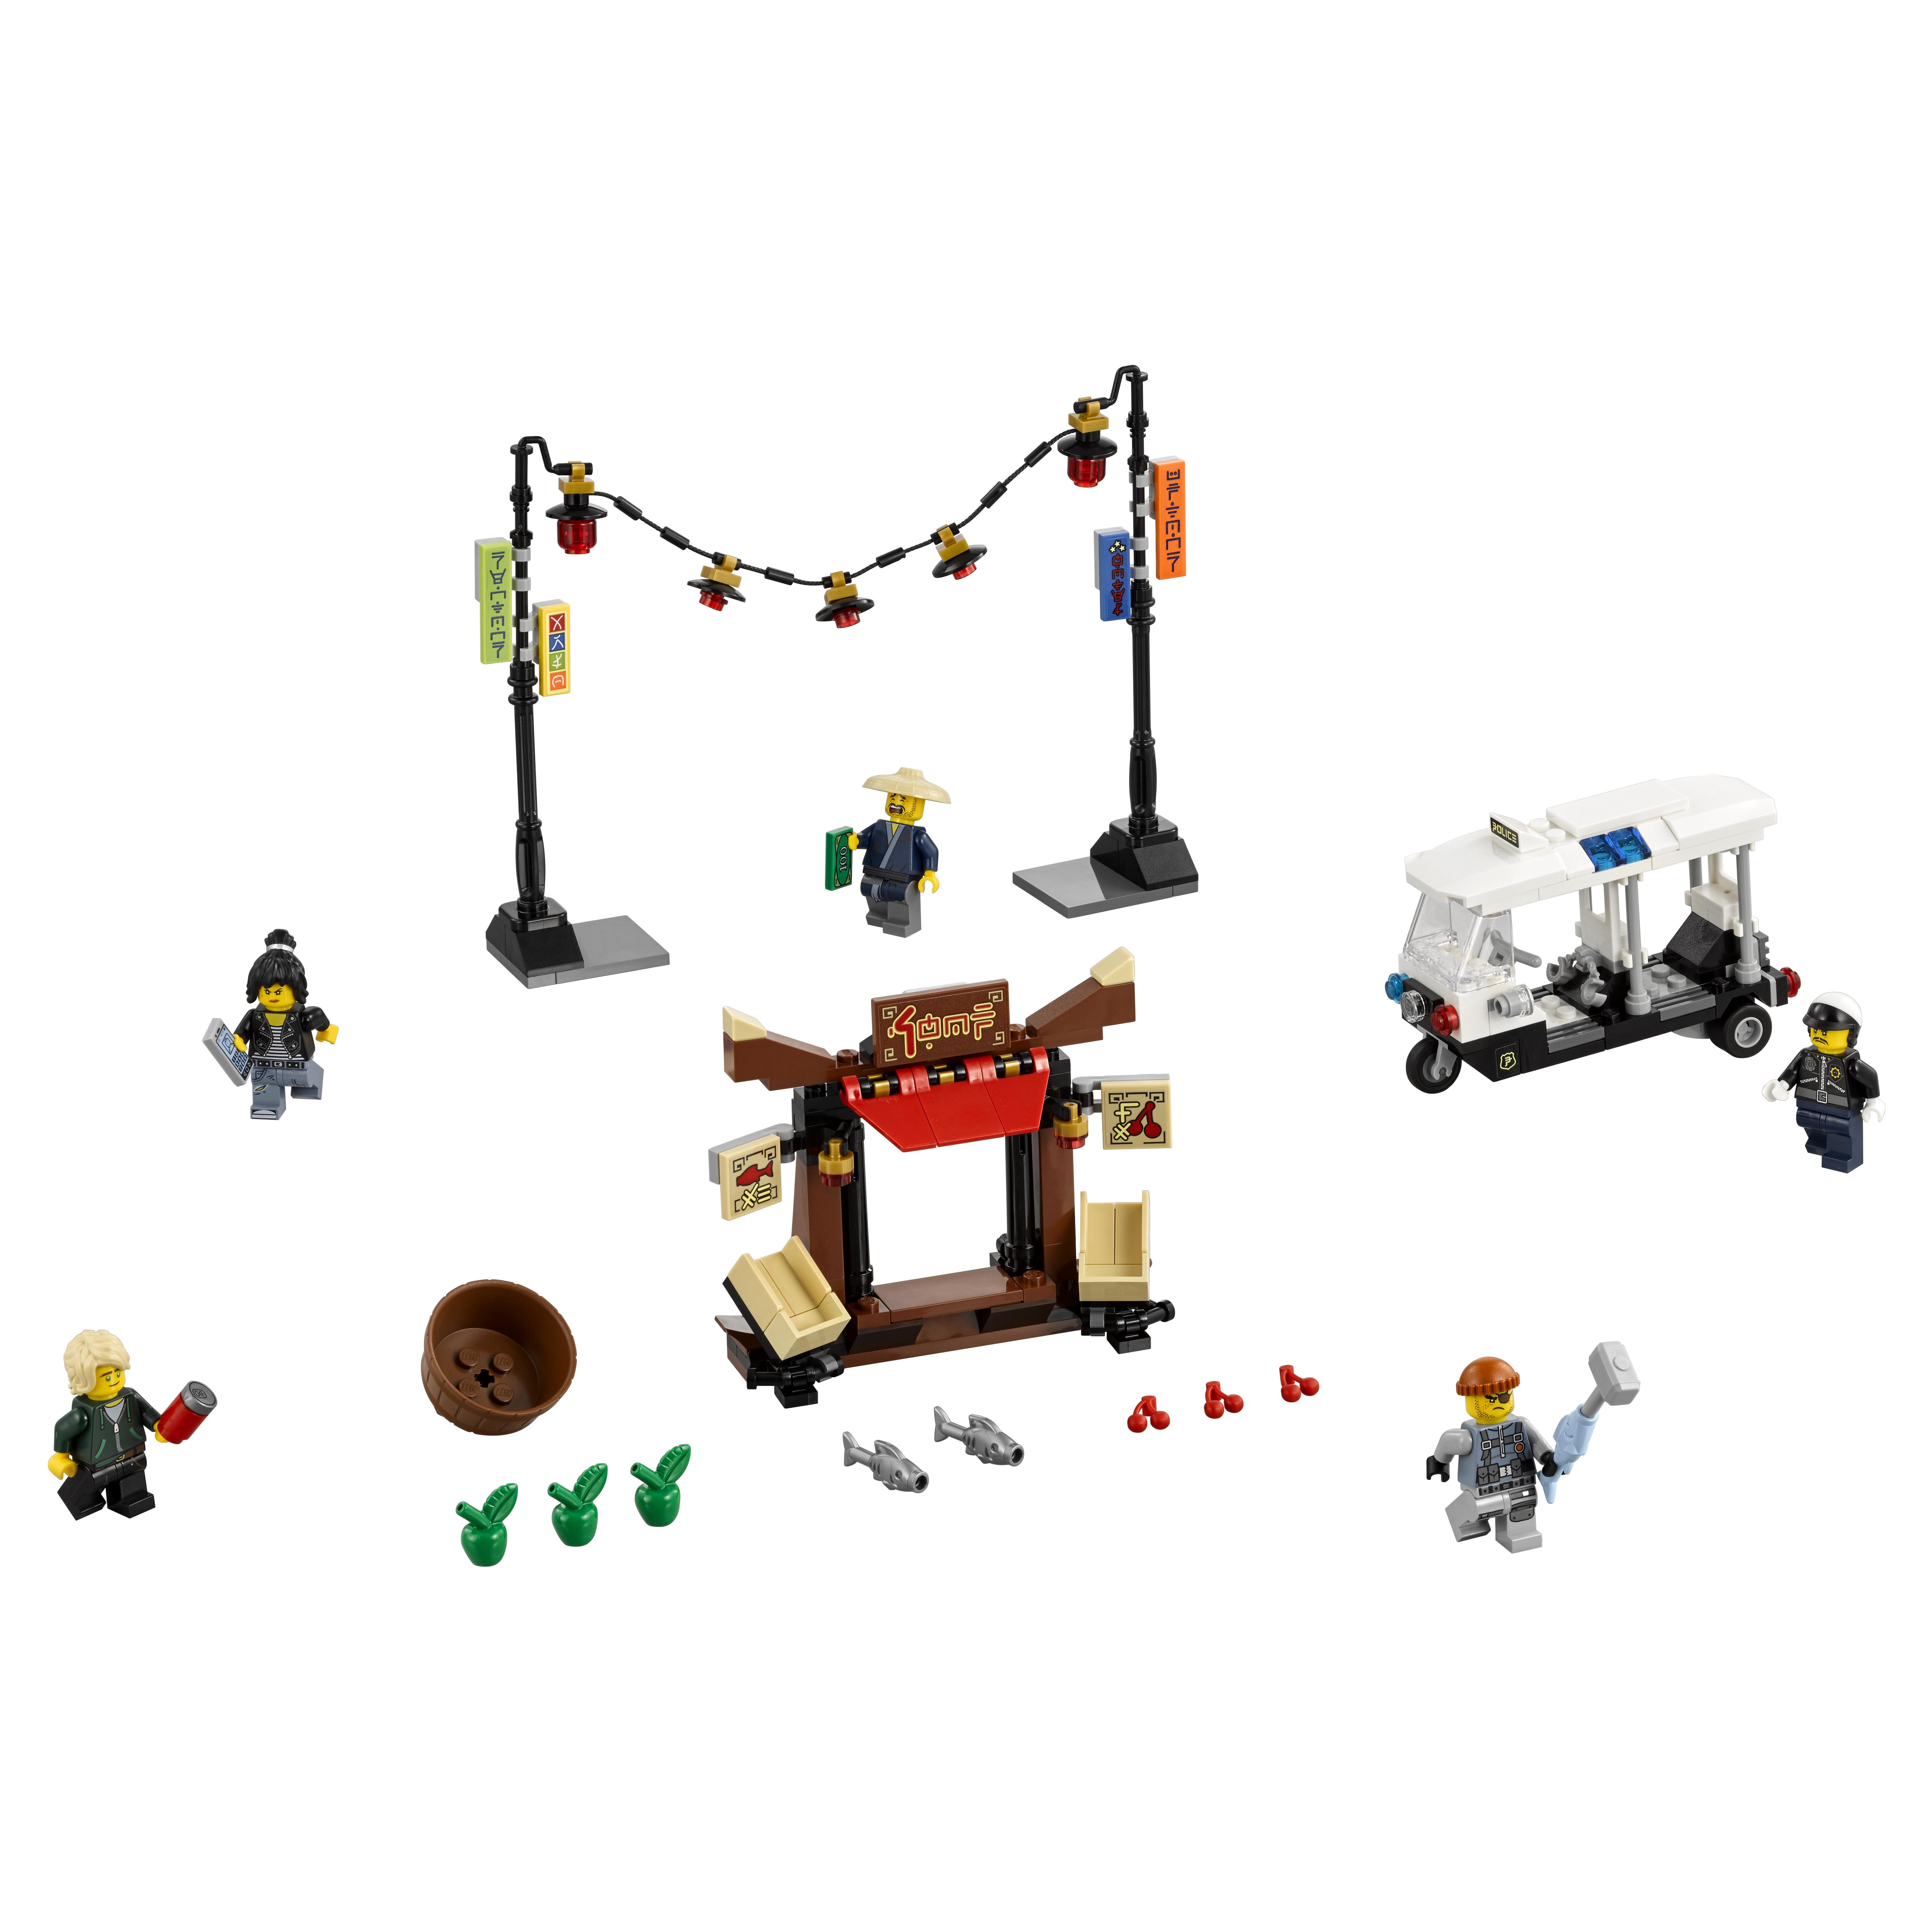 Конструктор LEGO Ninjago Ограбление киоска в НИНДЗЯГО Сити (70607) фото